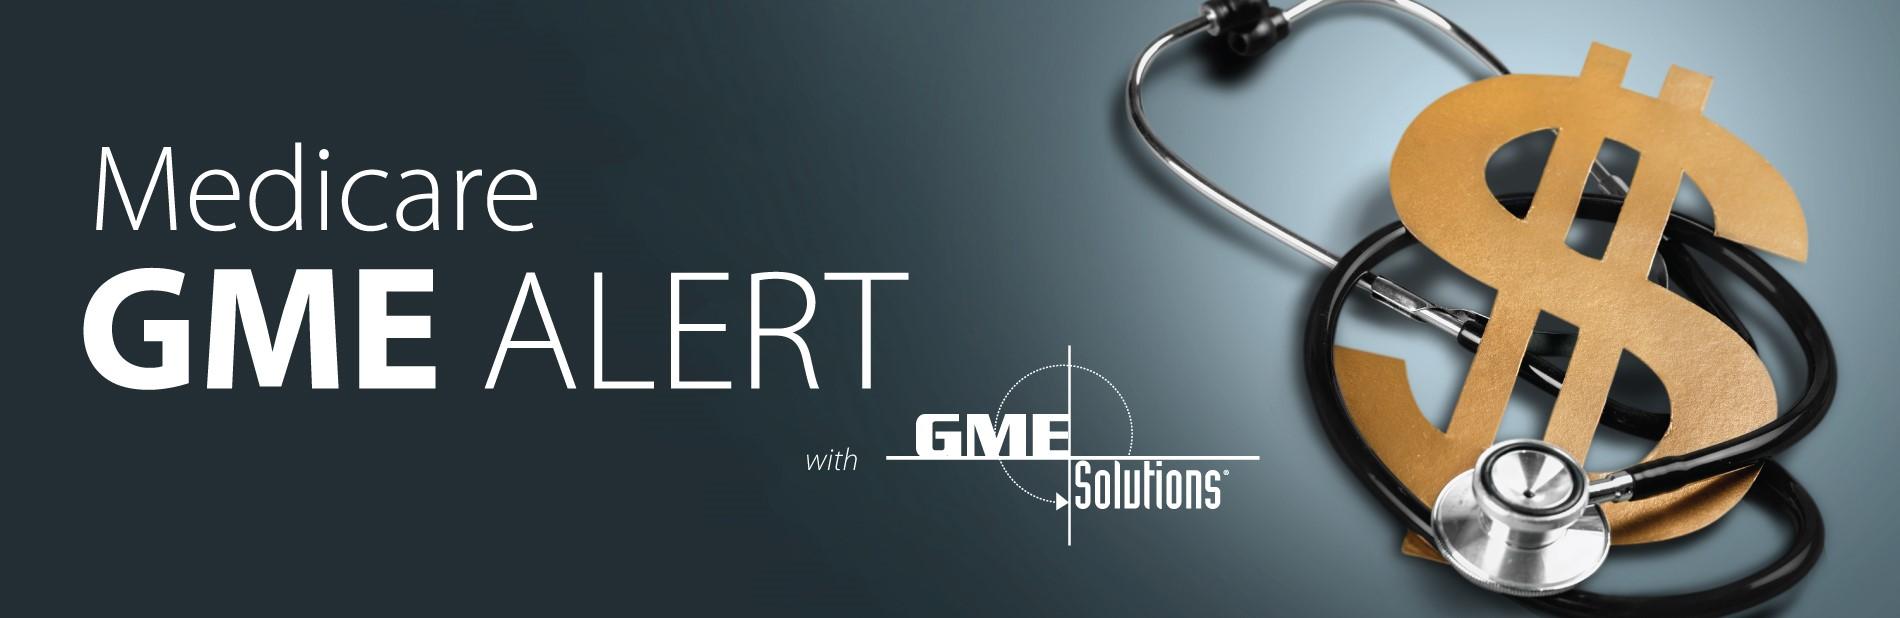 Medicare GME Alert Header